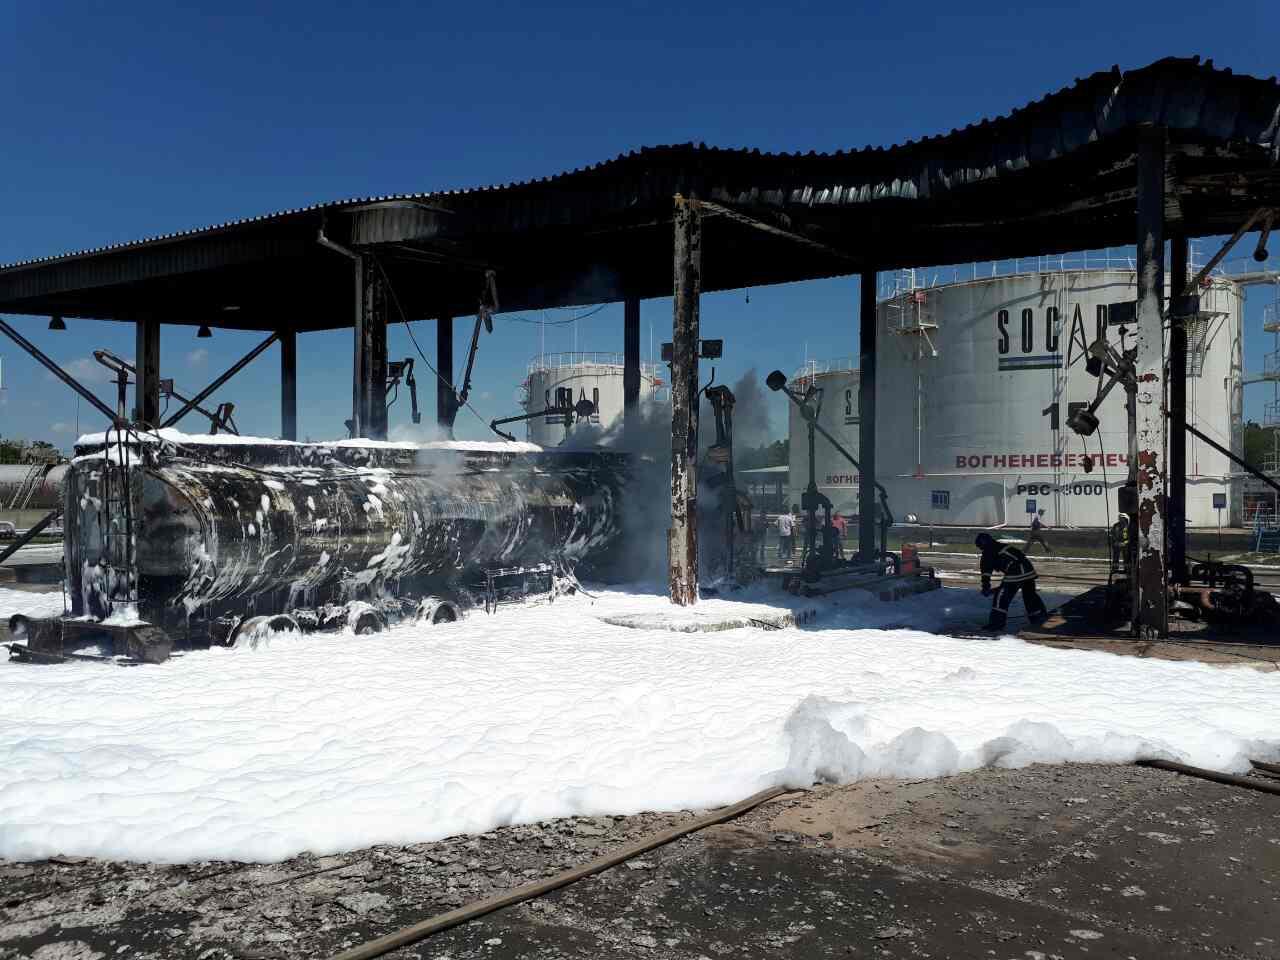 0-02-05-a59a2c29c825c406c1e162891a9d8fe4a71cc9622409b1f490df7e073ee38de4_full Одесские спасатели ликвидировали масштабный пожар на нефтебазе